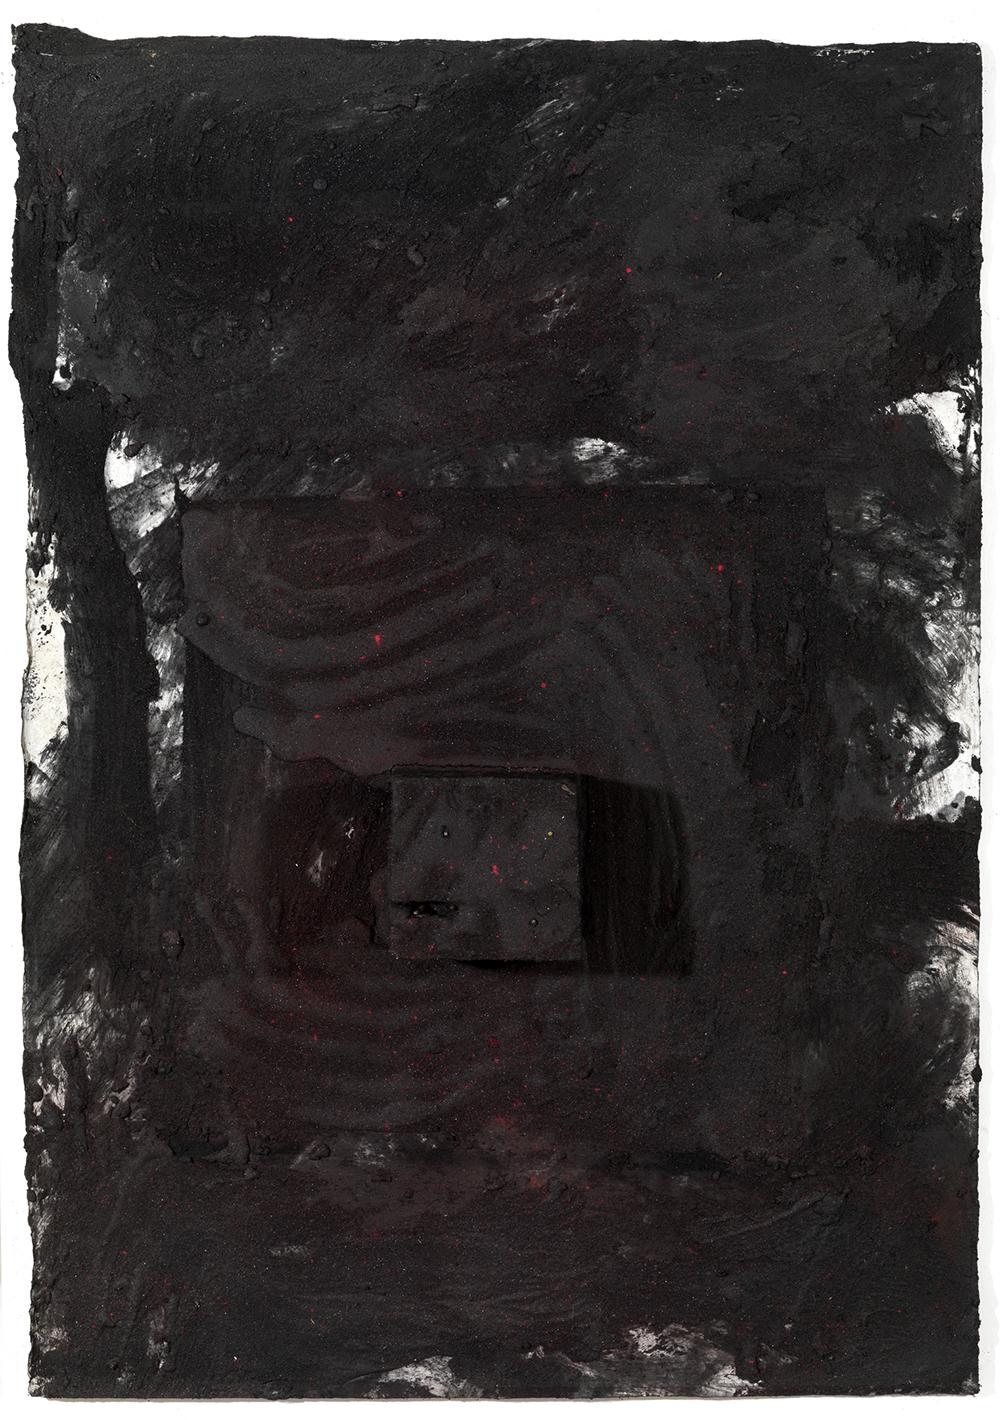 Senza titolo, 2004, sabbia vulcanica, ossido di ferro e carbone su carta, cm 107x75